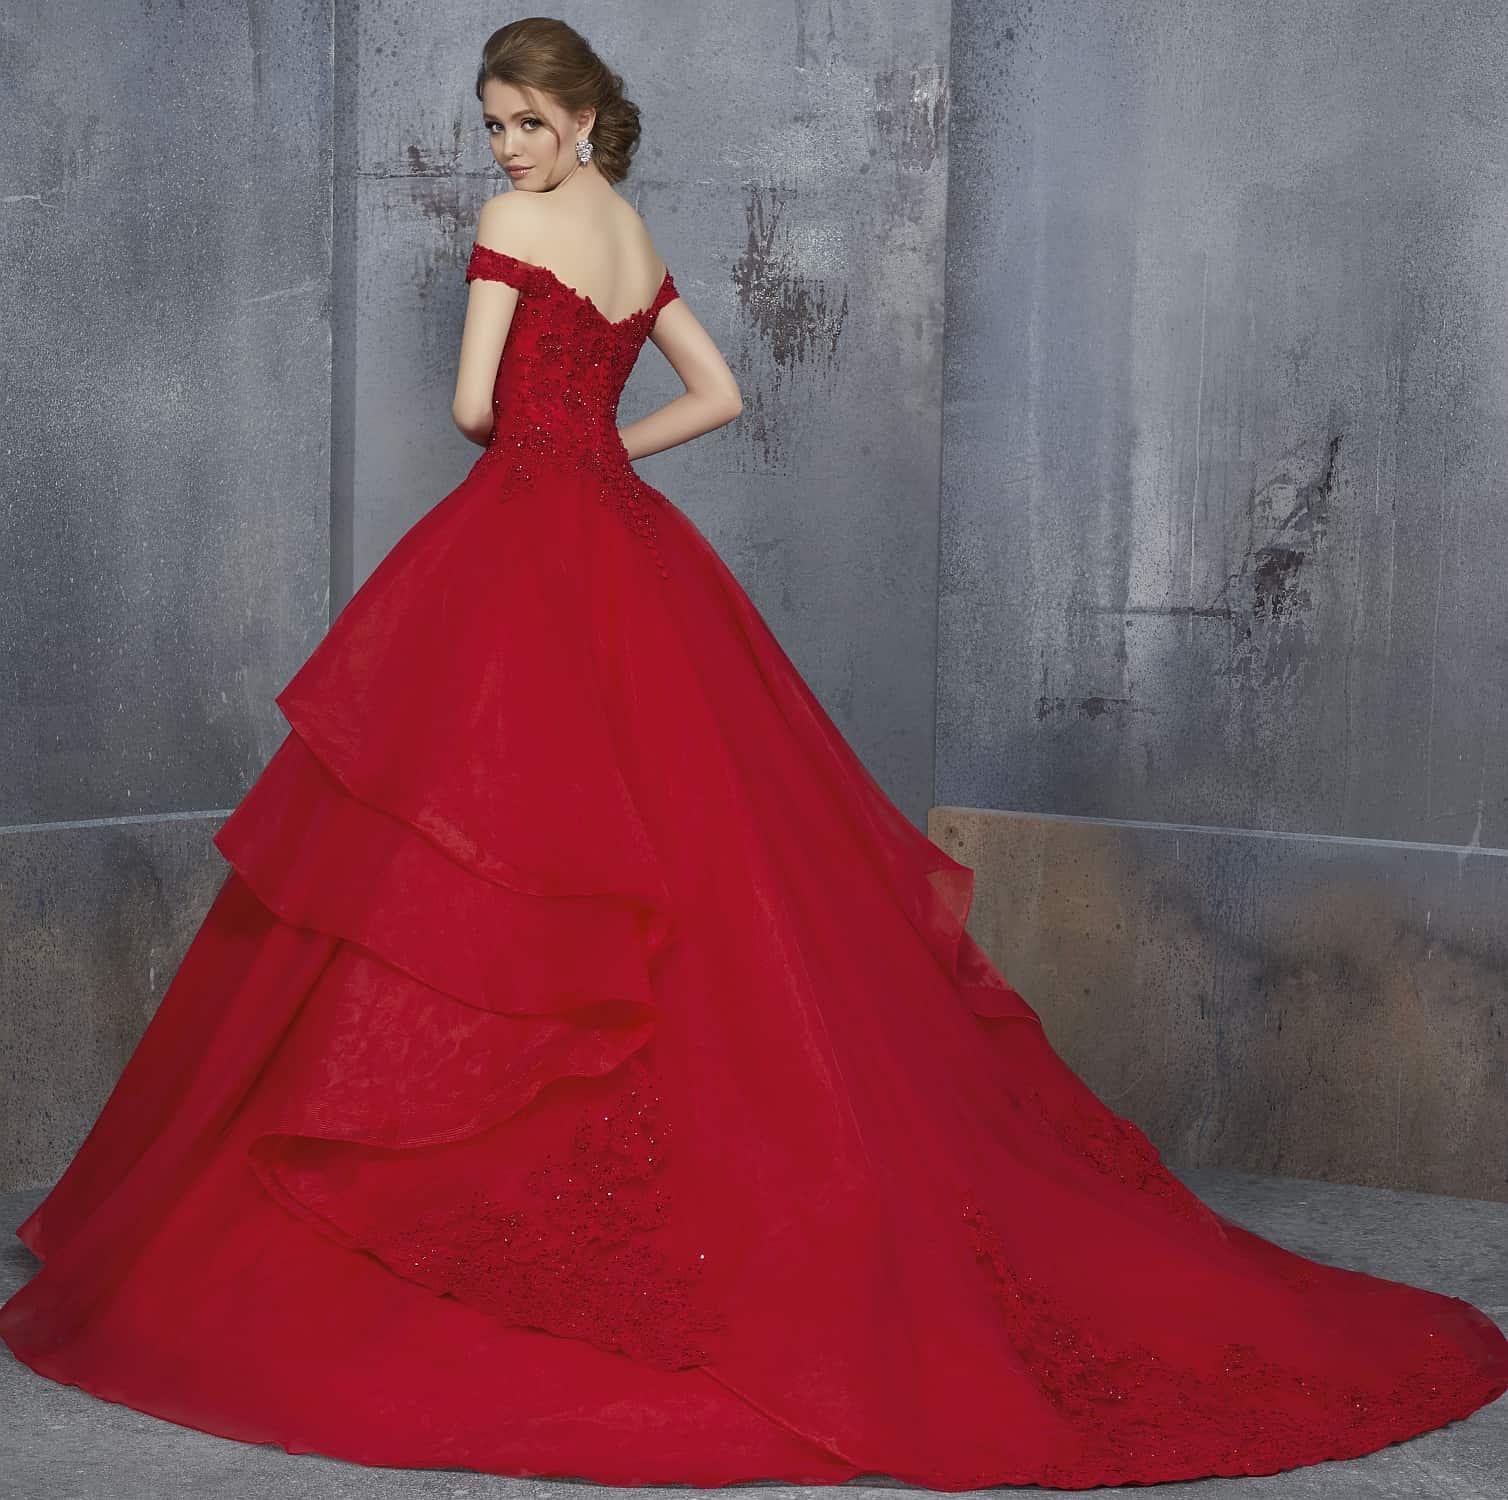 Bruidskleed rood